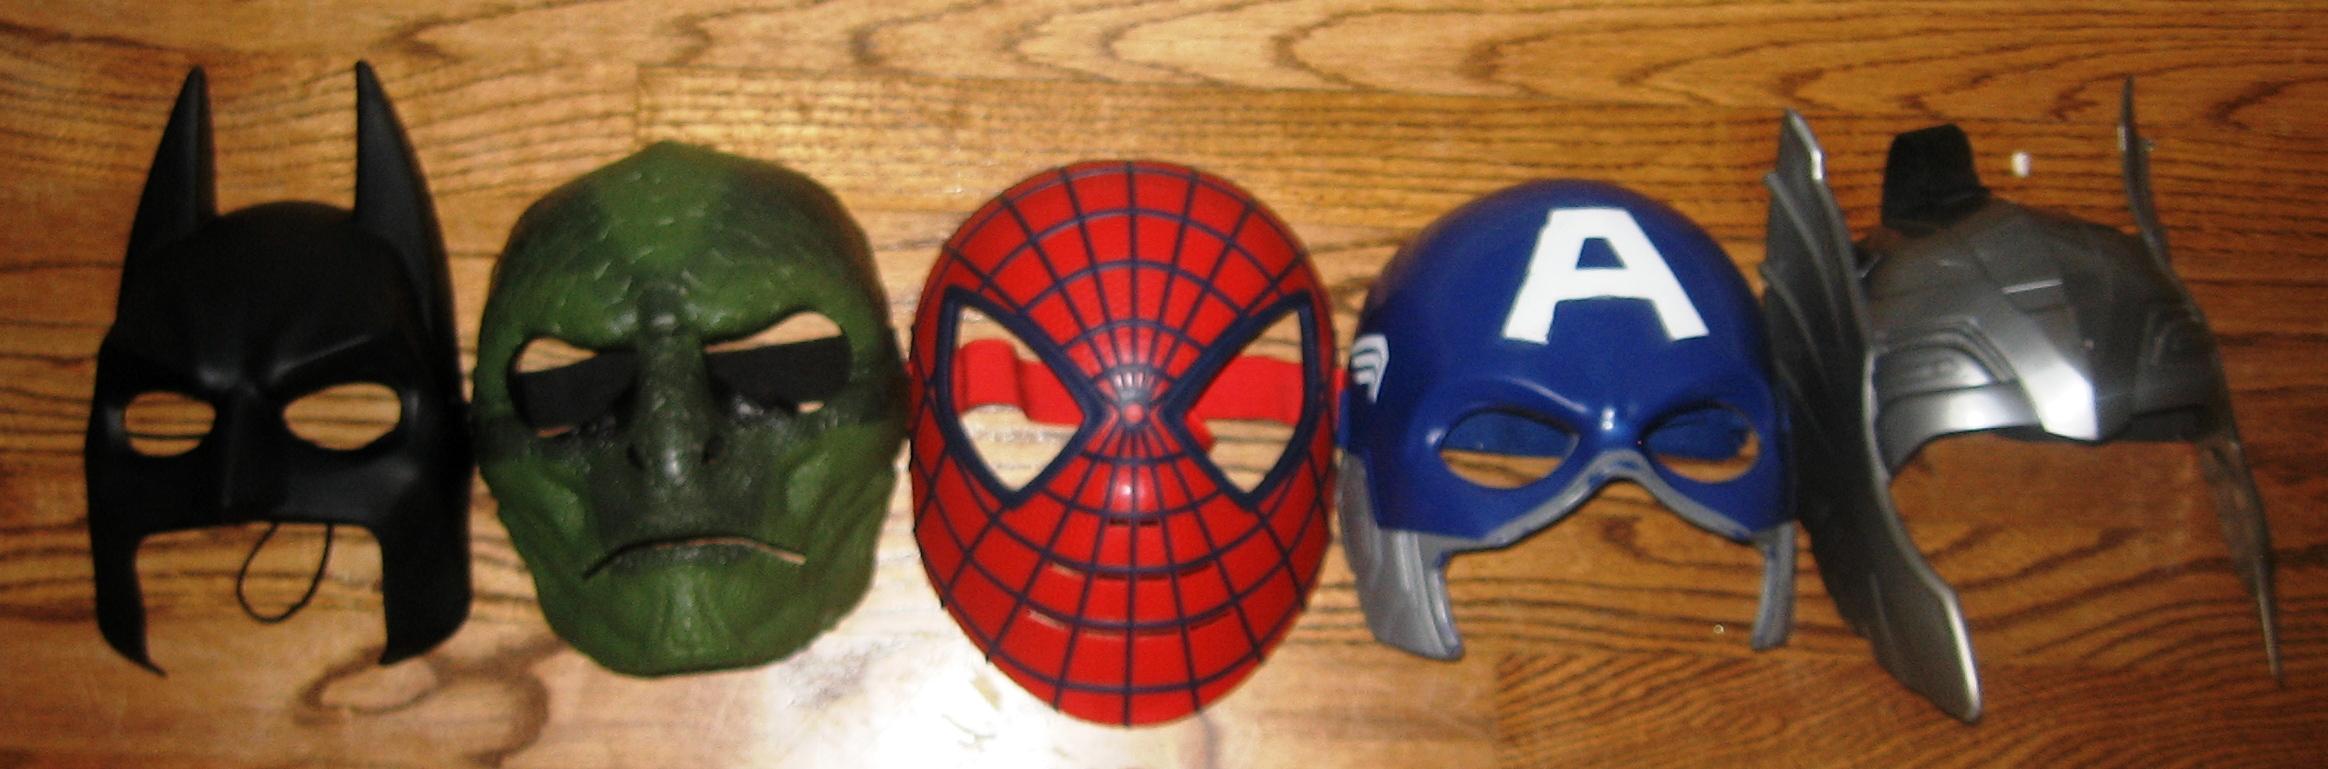 wests-masks